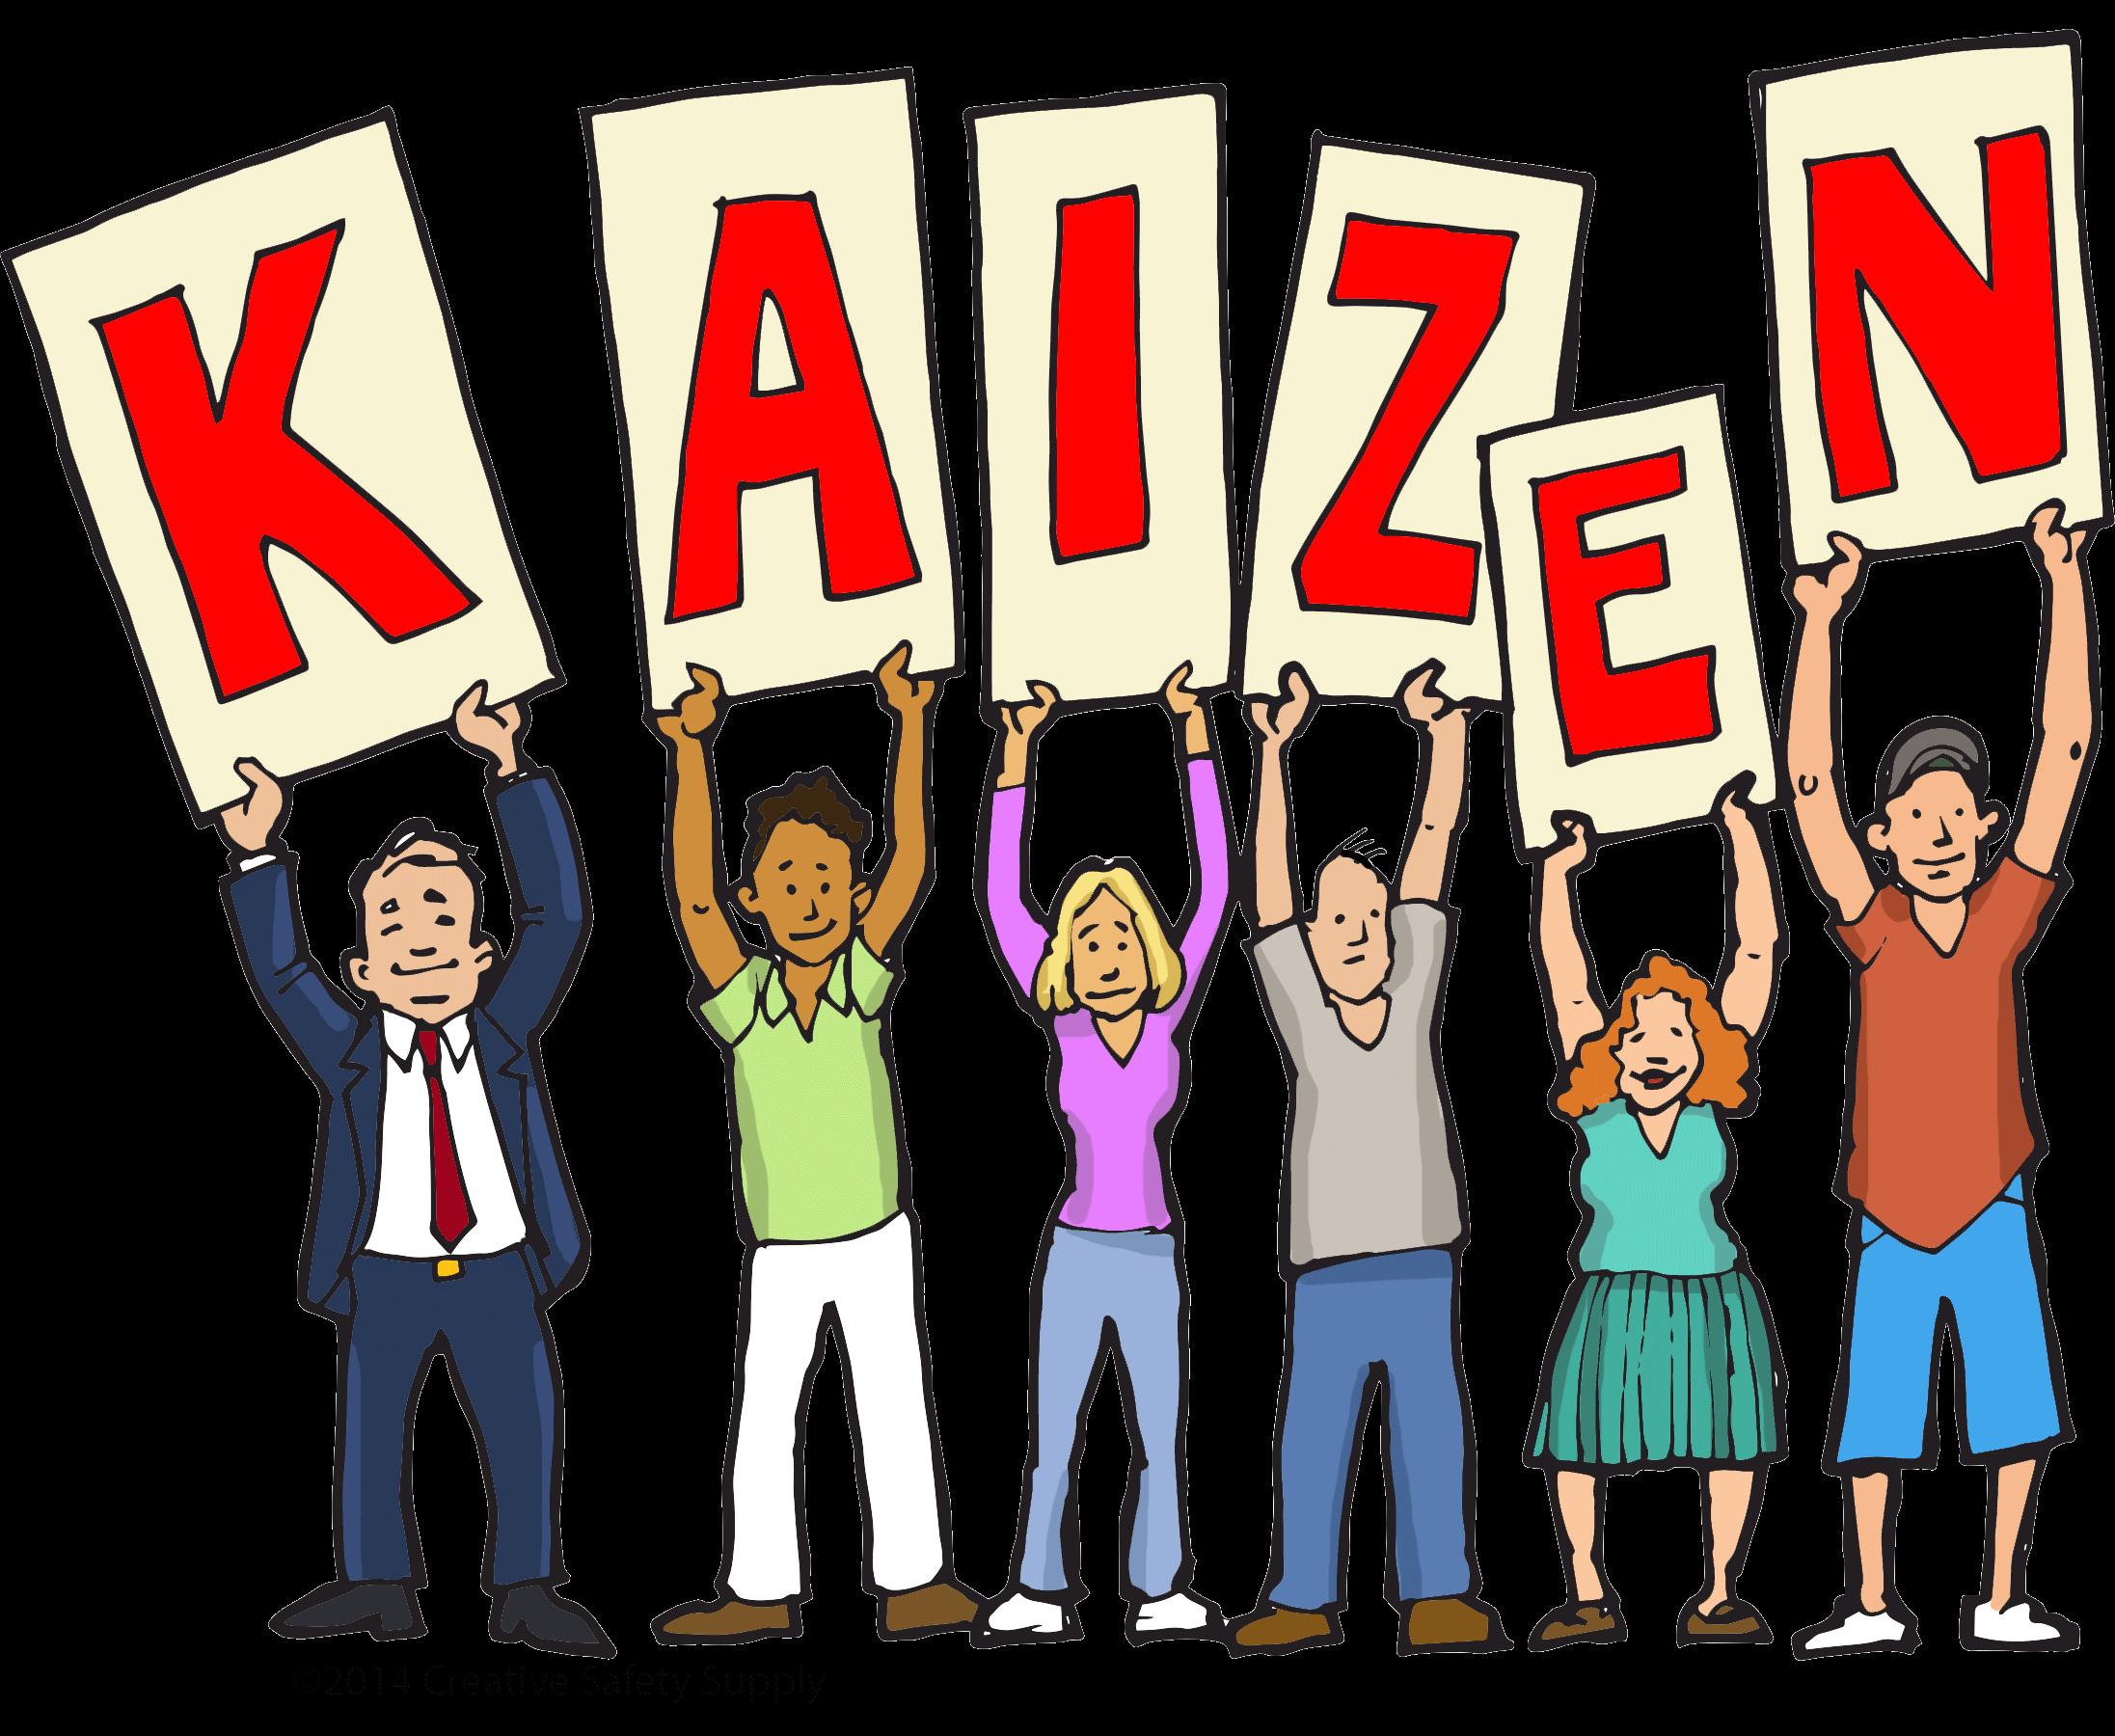 Kaizen Event Team